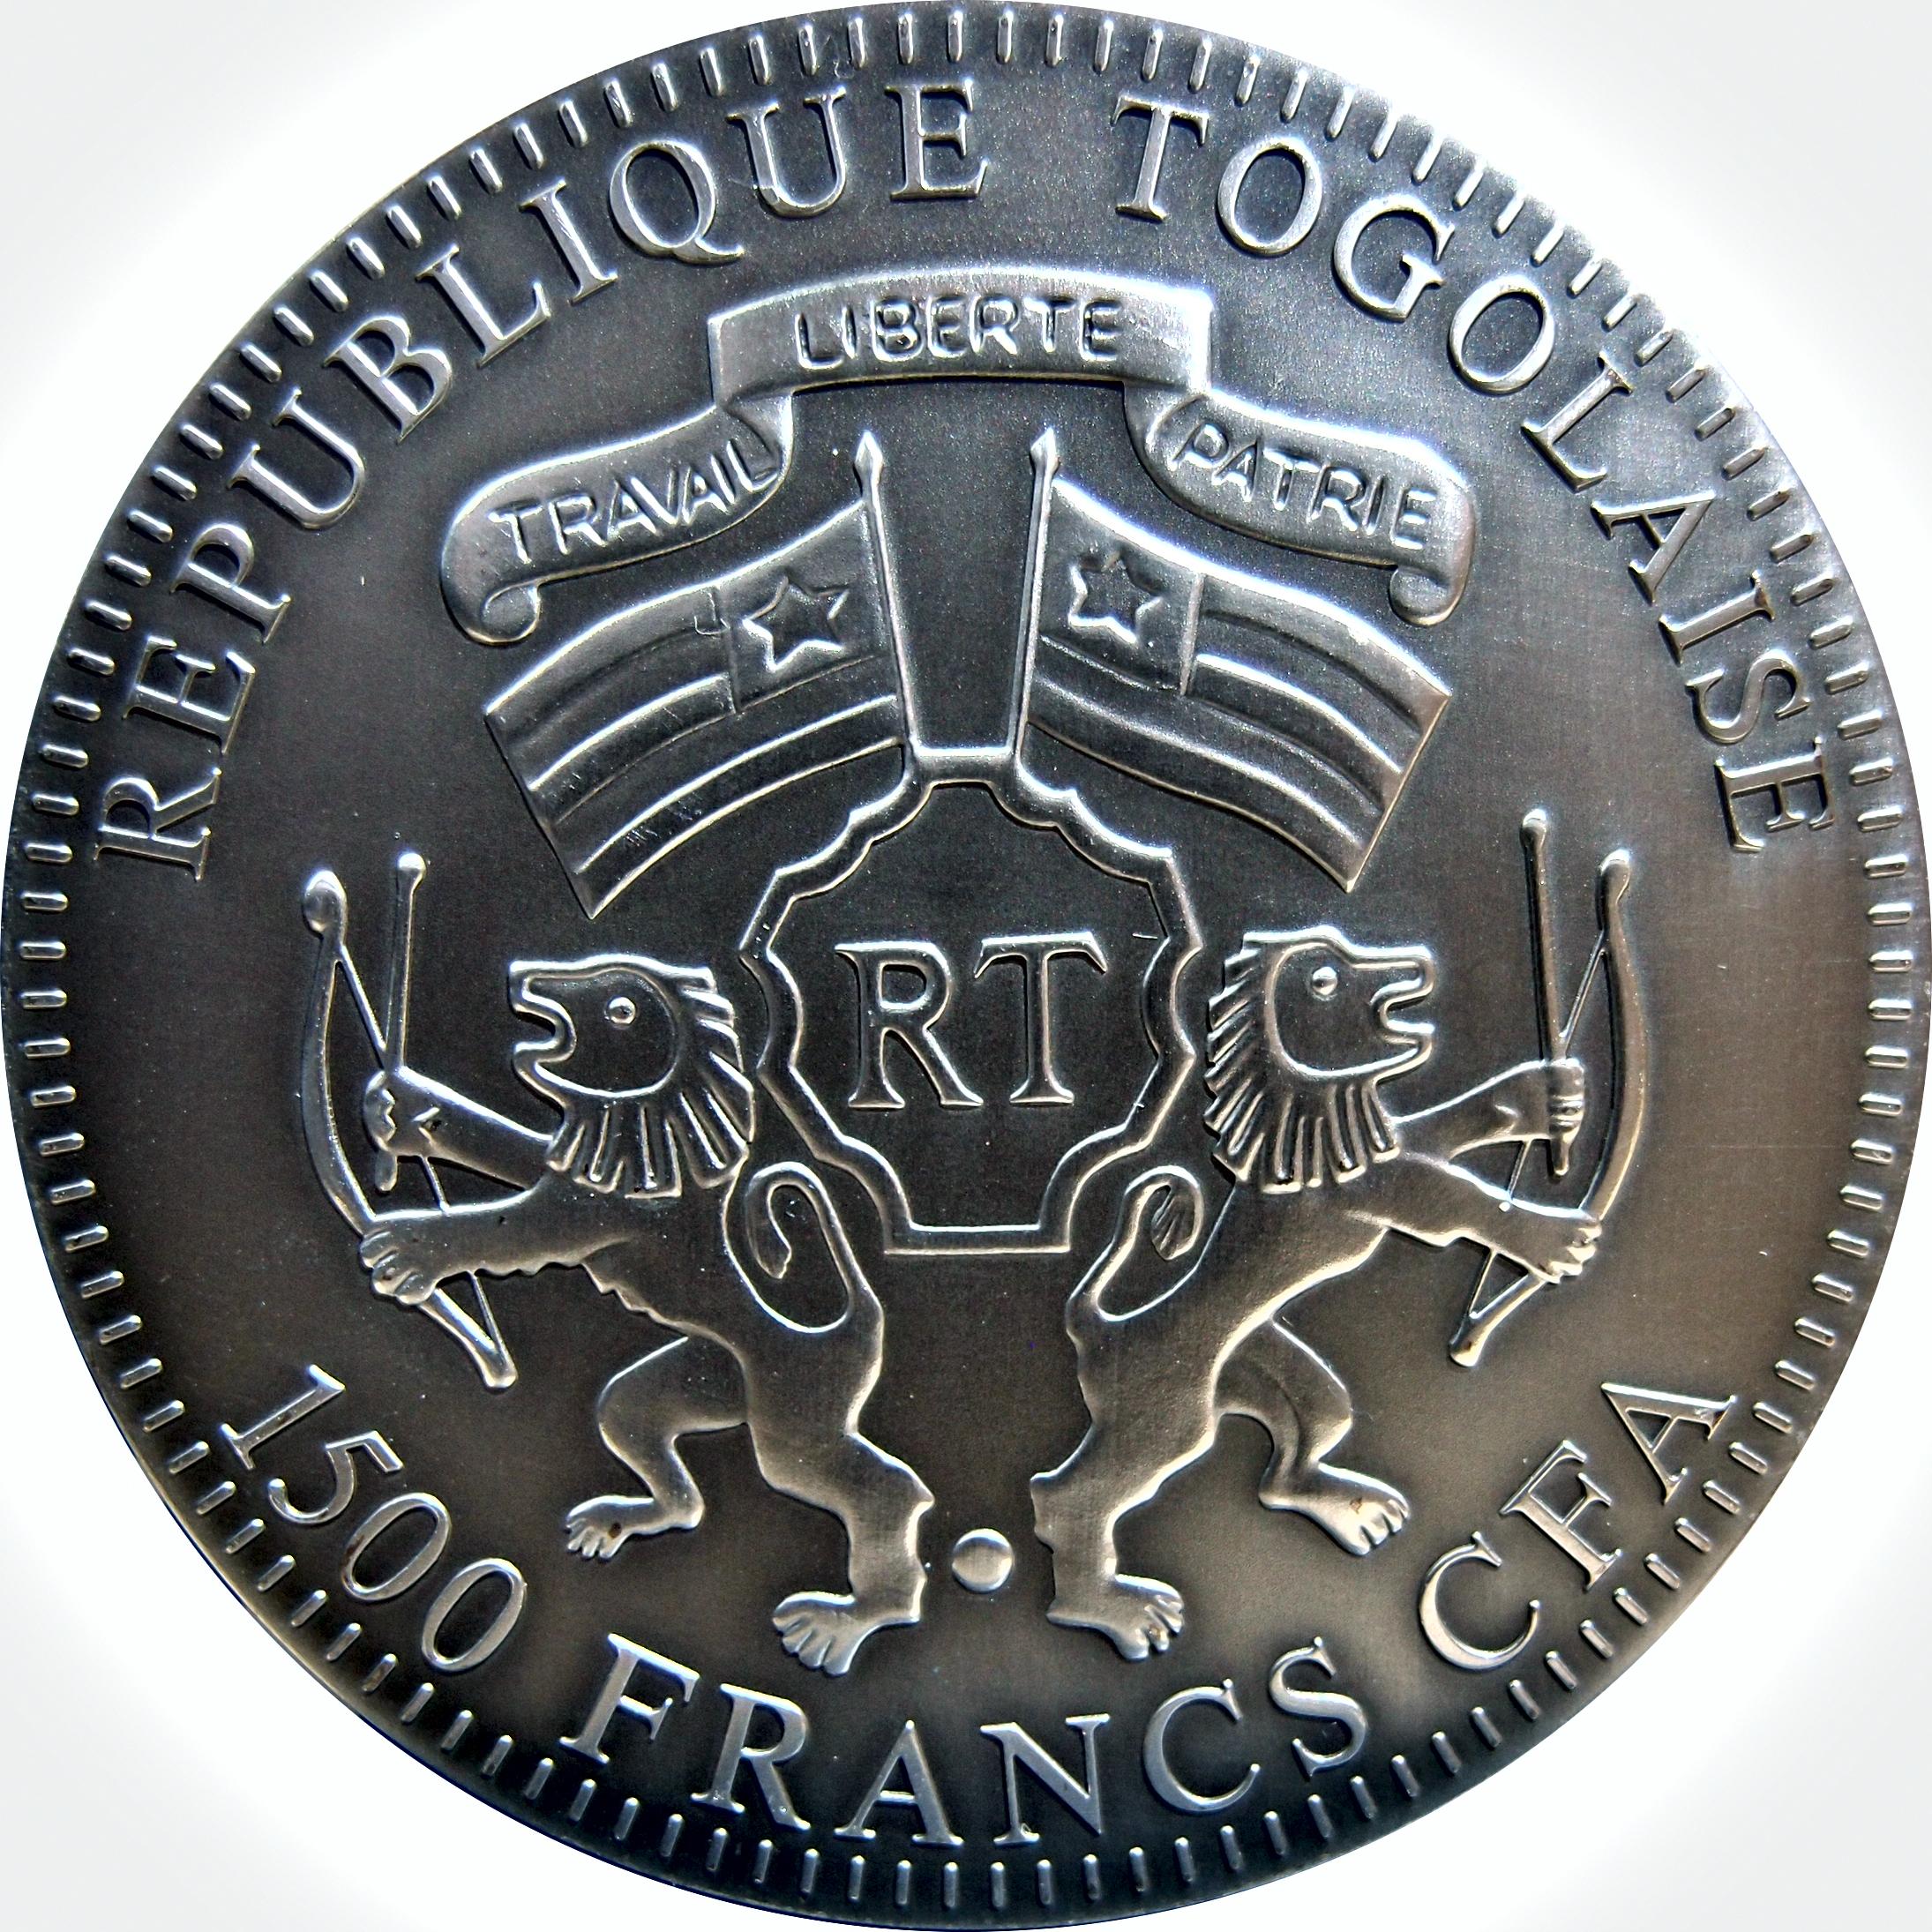 Togo. 1500 Francos CFA . 2 Onzas. 2012 Año del Dragón. 9636565192_a81ec82ec2_o